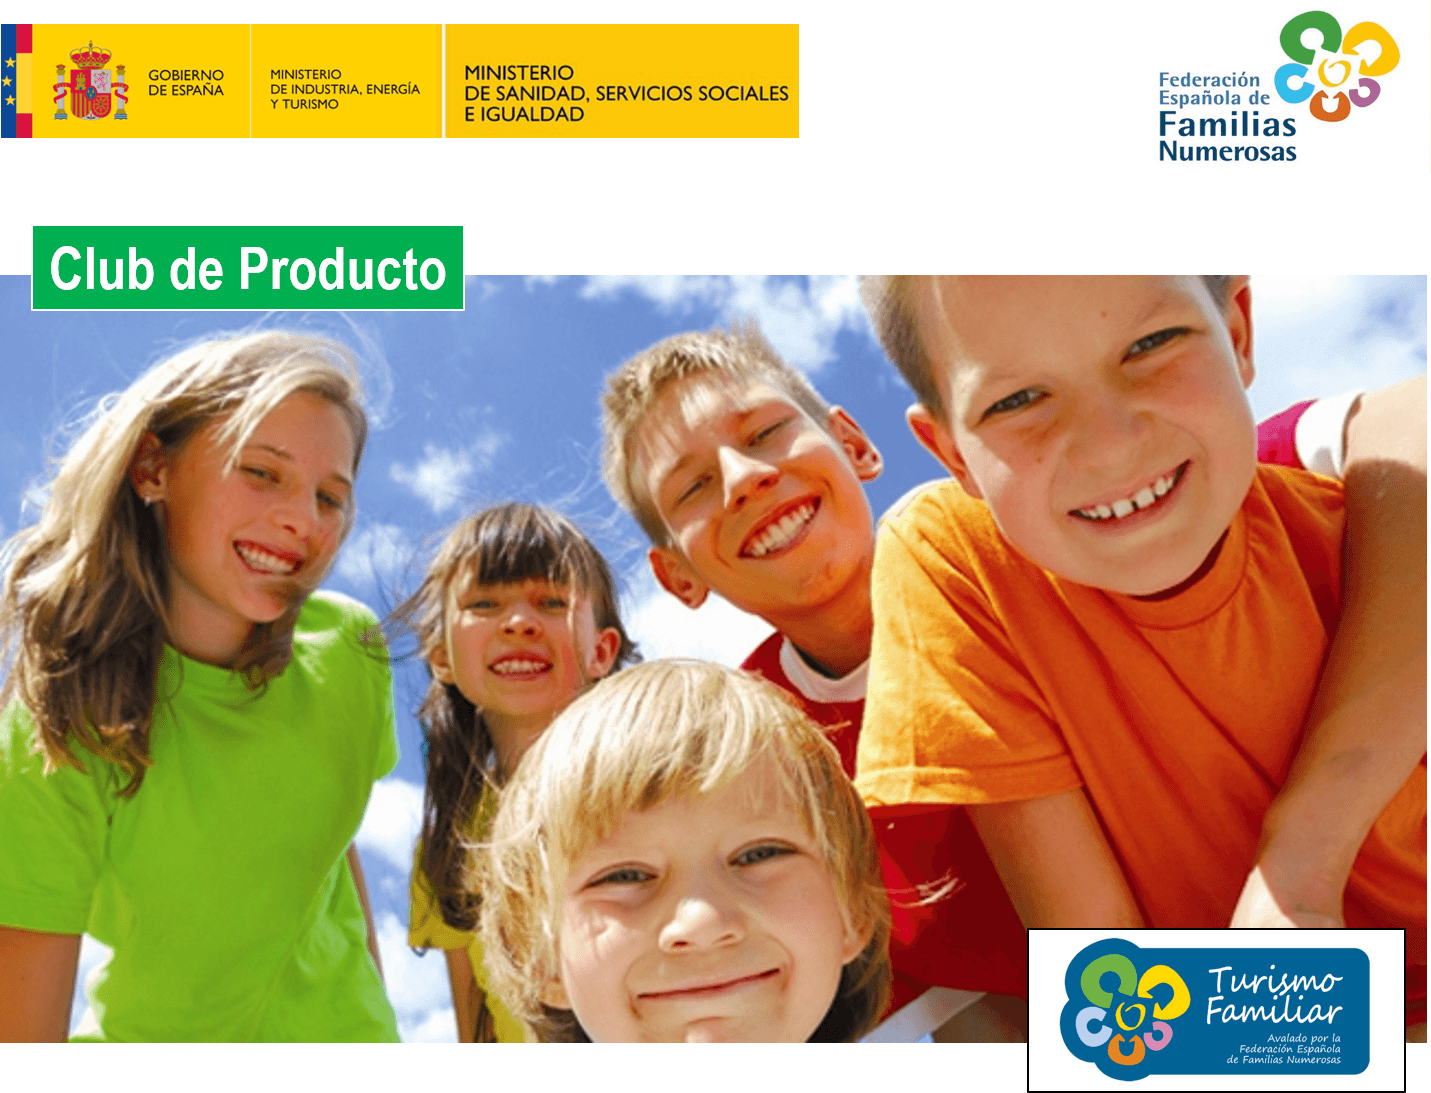 El Sello de Turismo Familiar  de la FEFN homologado por las Secretarias de Estado de Turismo y Servicios Sociales